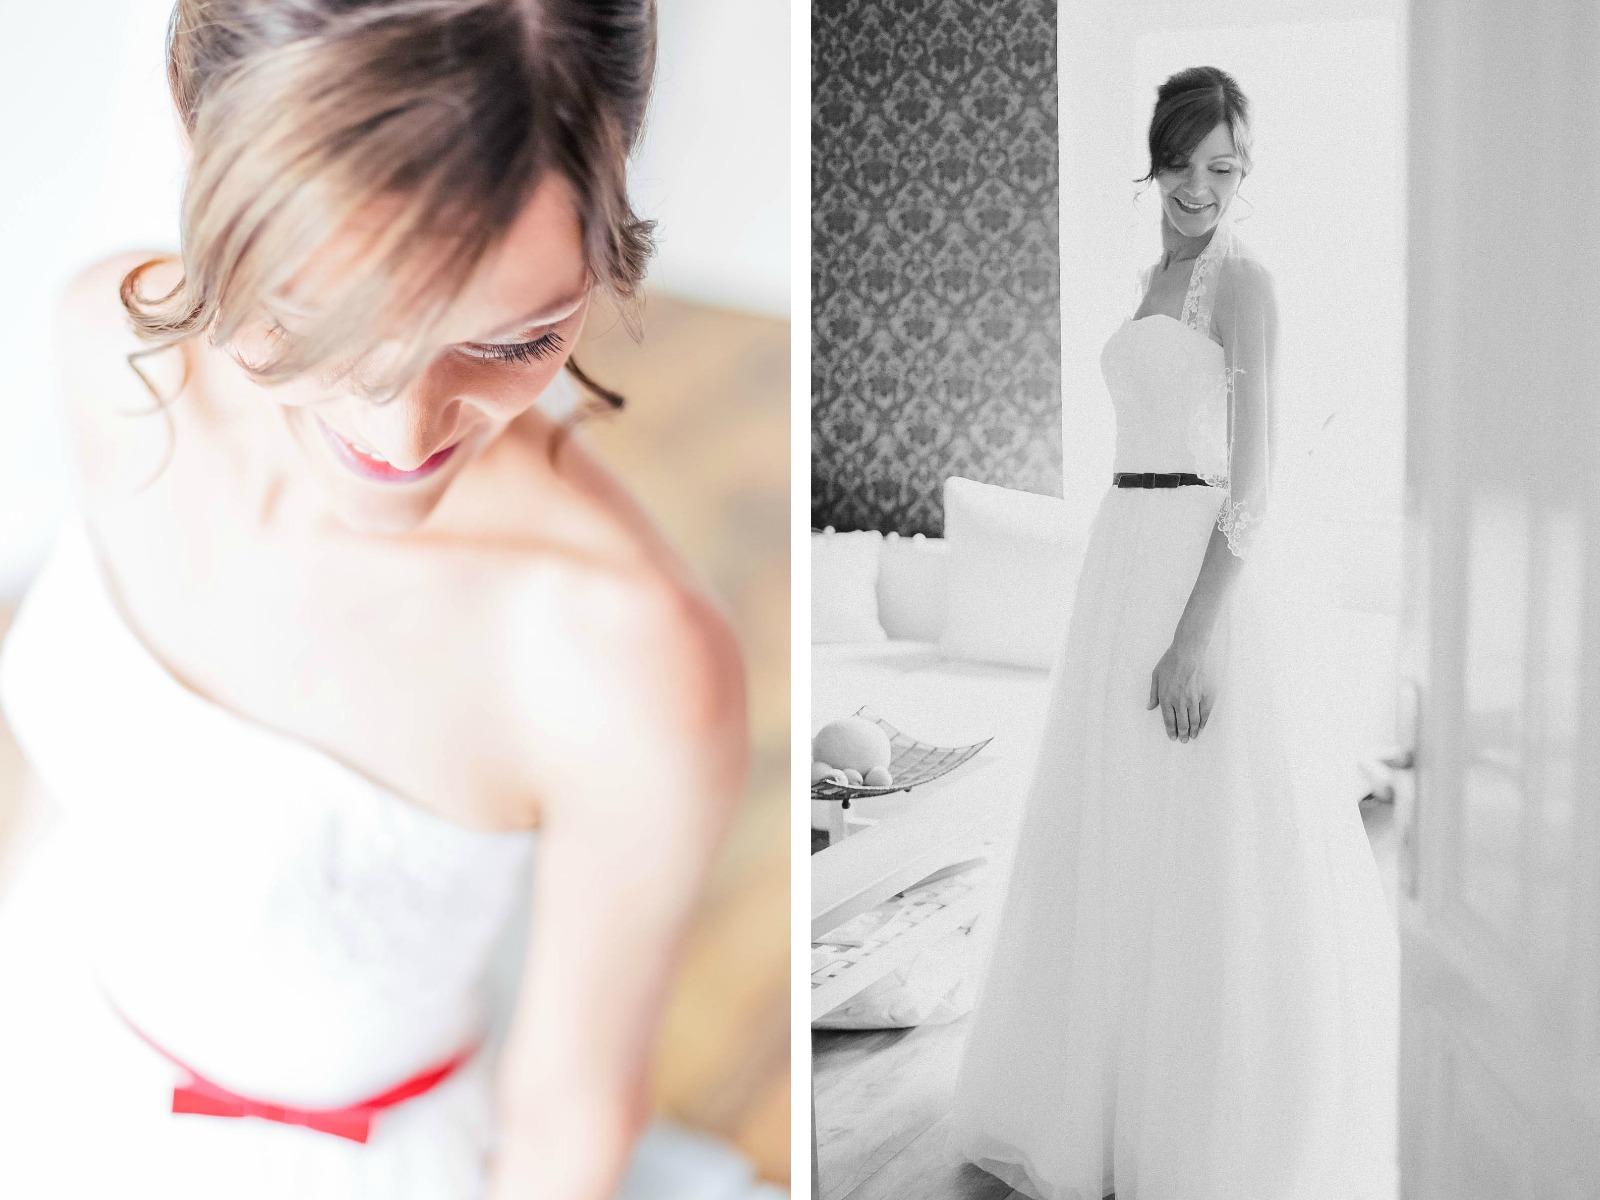 Monstergraphie_Hochzeitsreportage_Siegen-6.jpg?fit=1600%2C1200